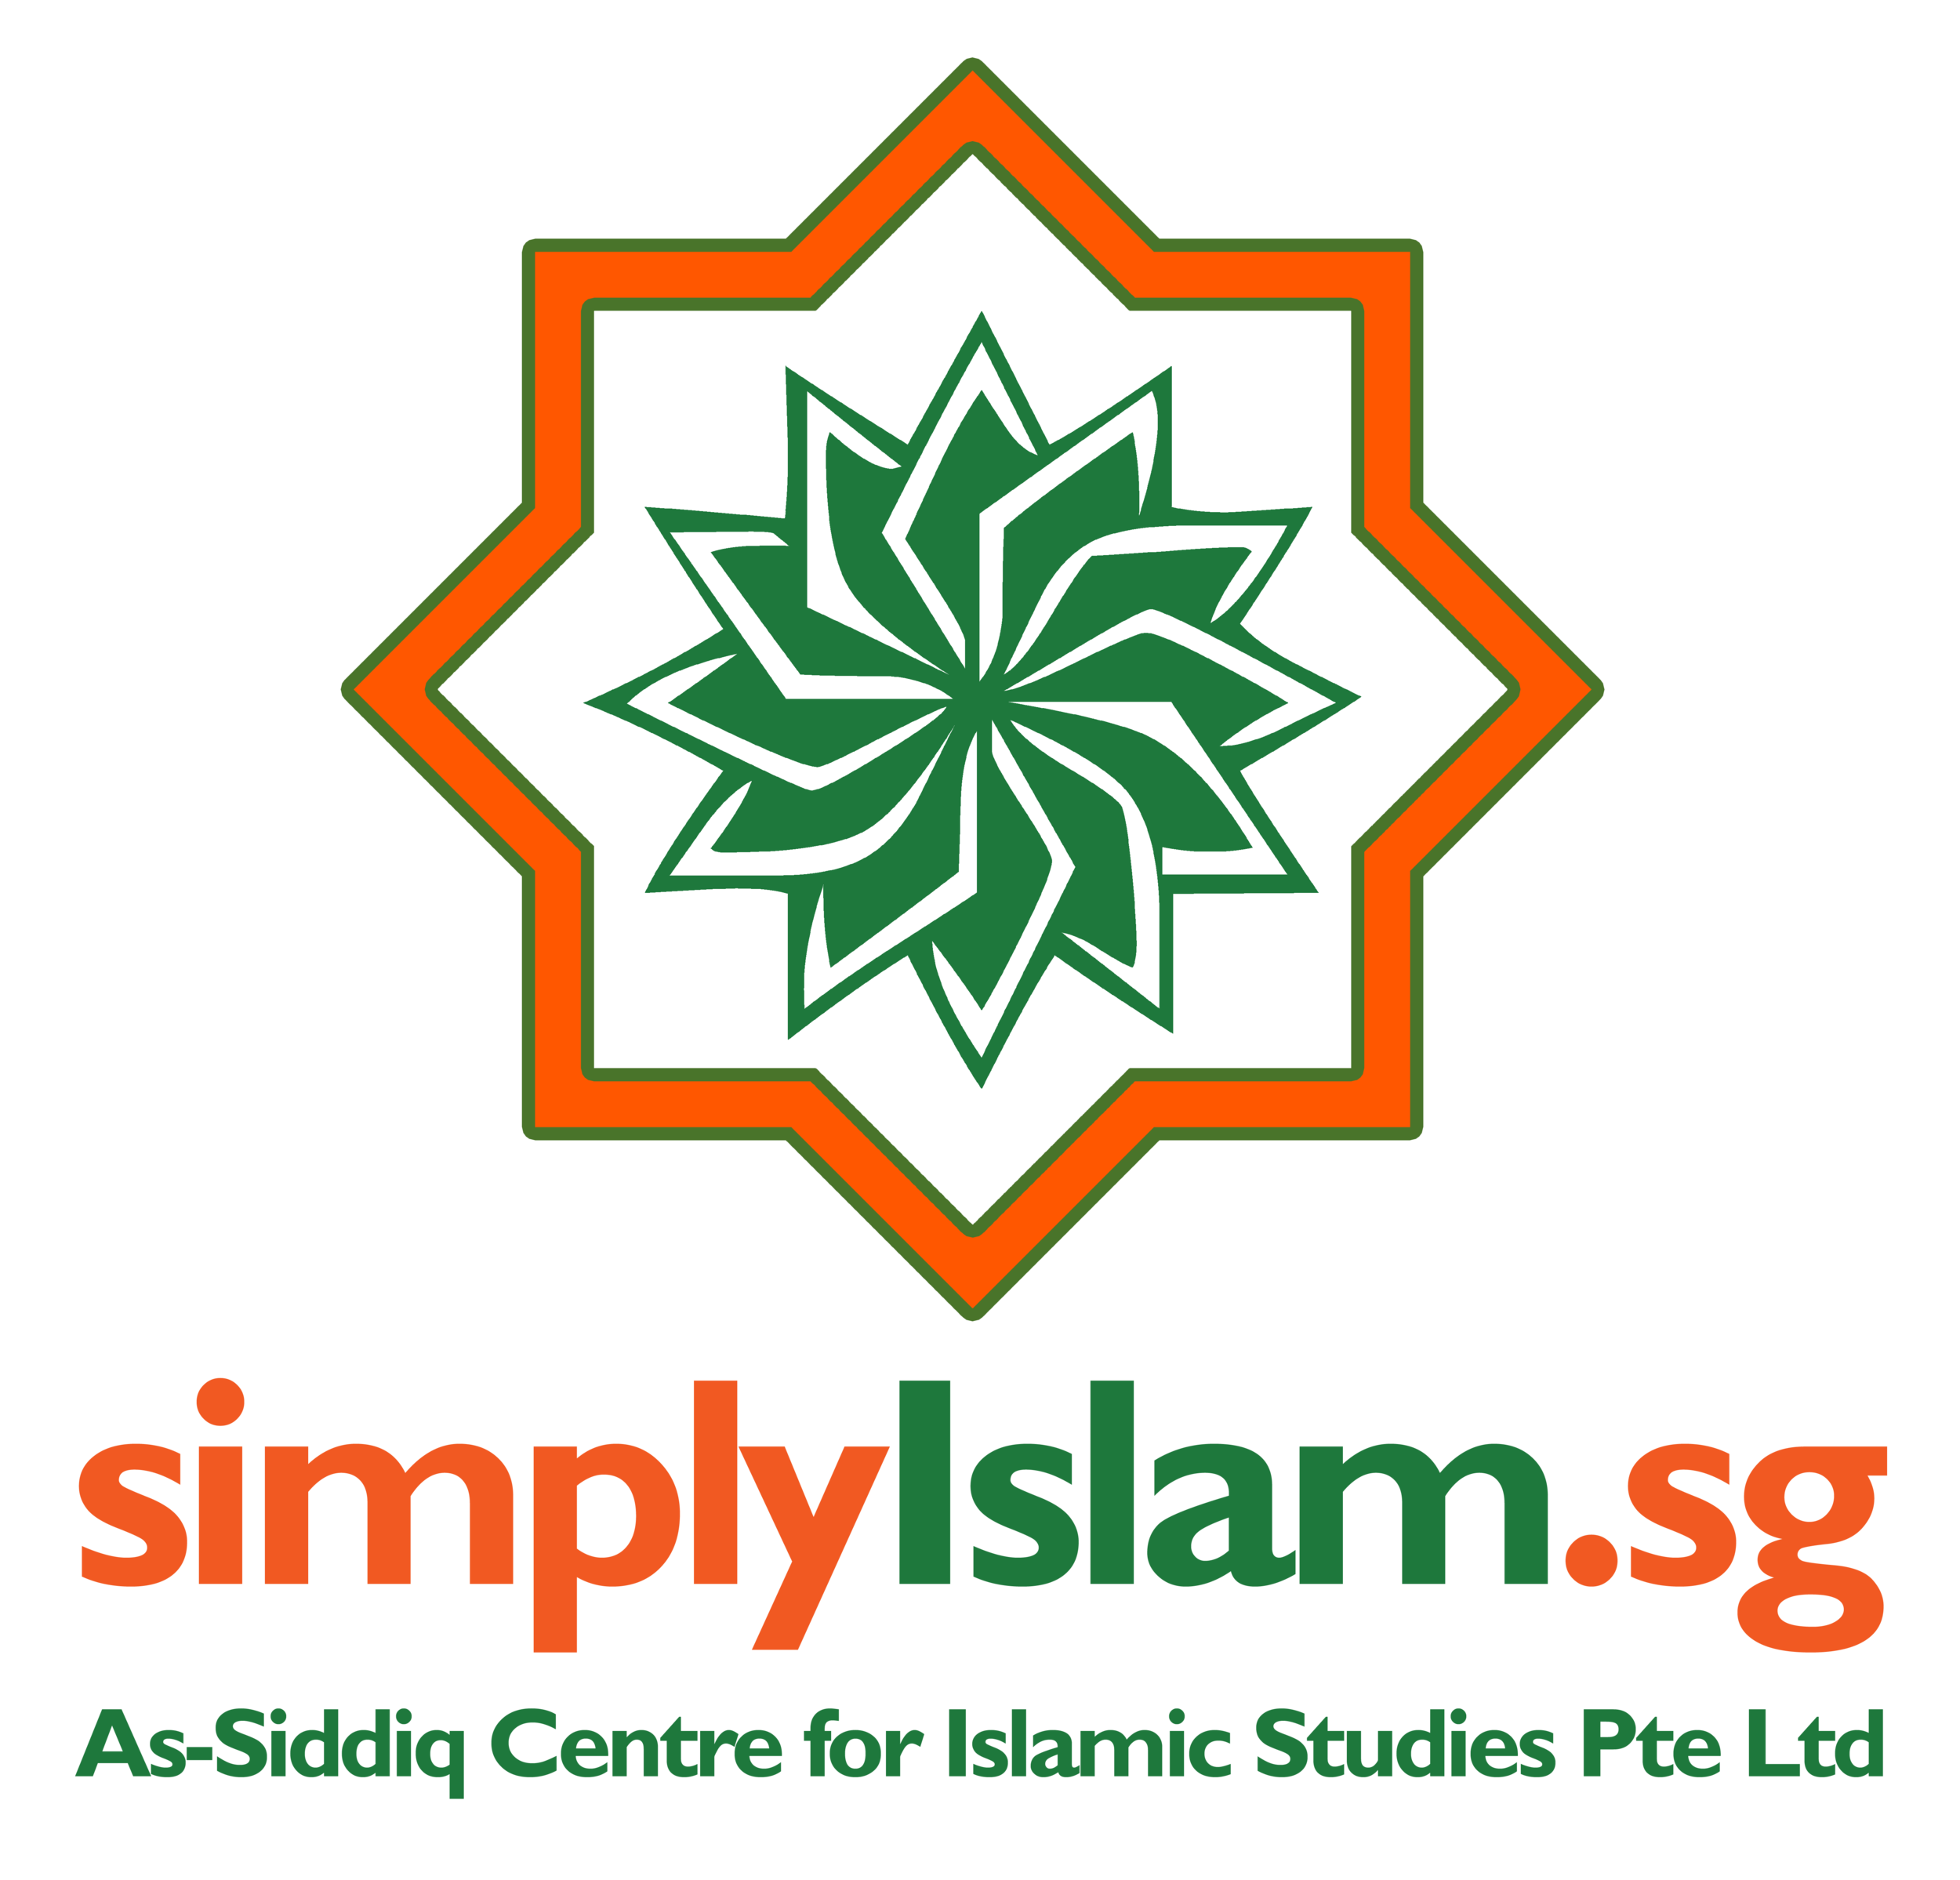 simplyislam_assiddiq2.png